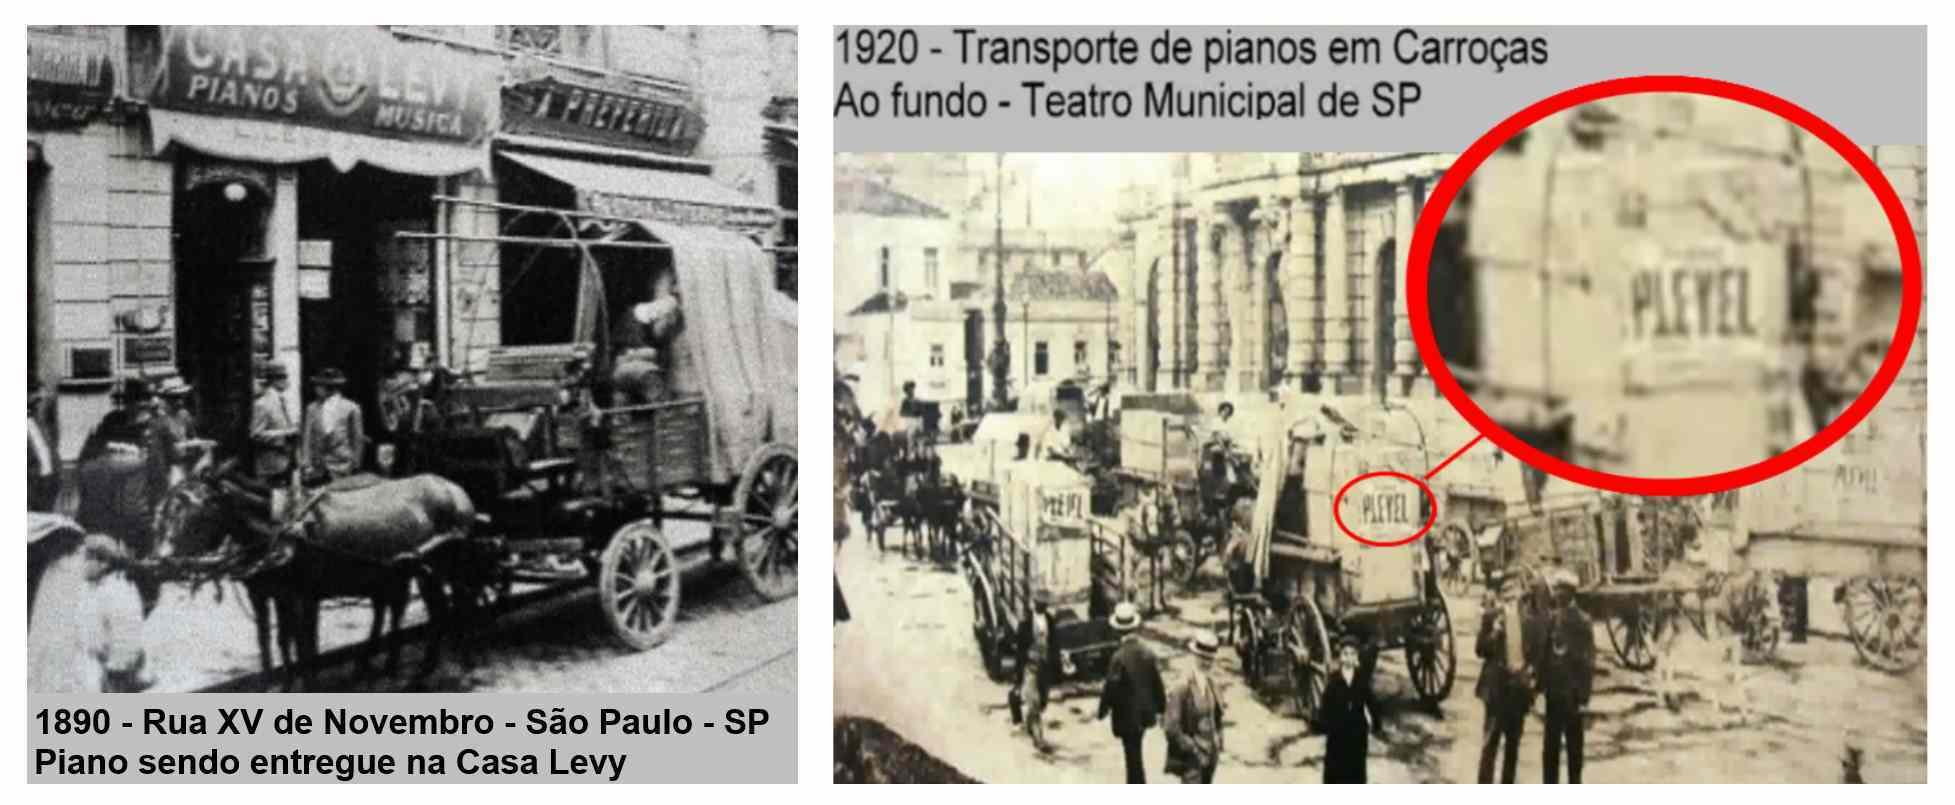 transporte de pianos antigamente